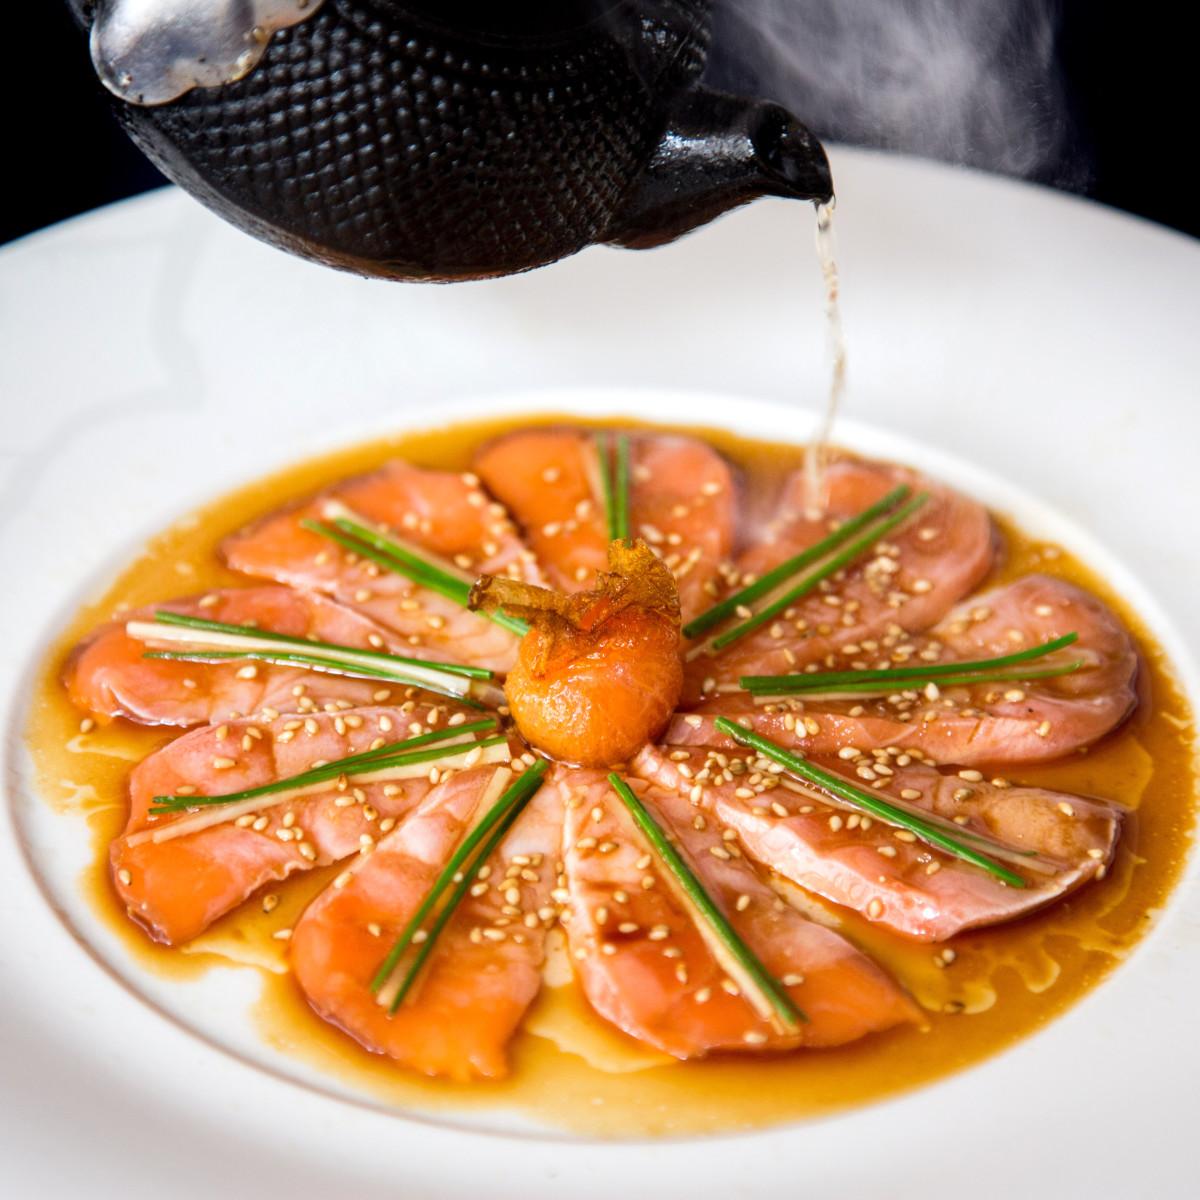 Nobu salmon sashimi